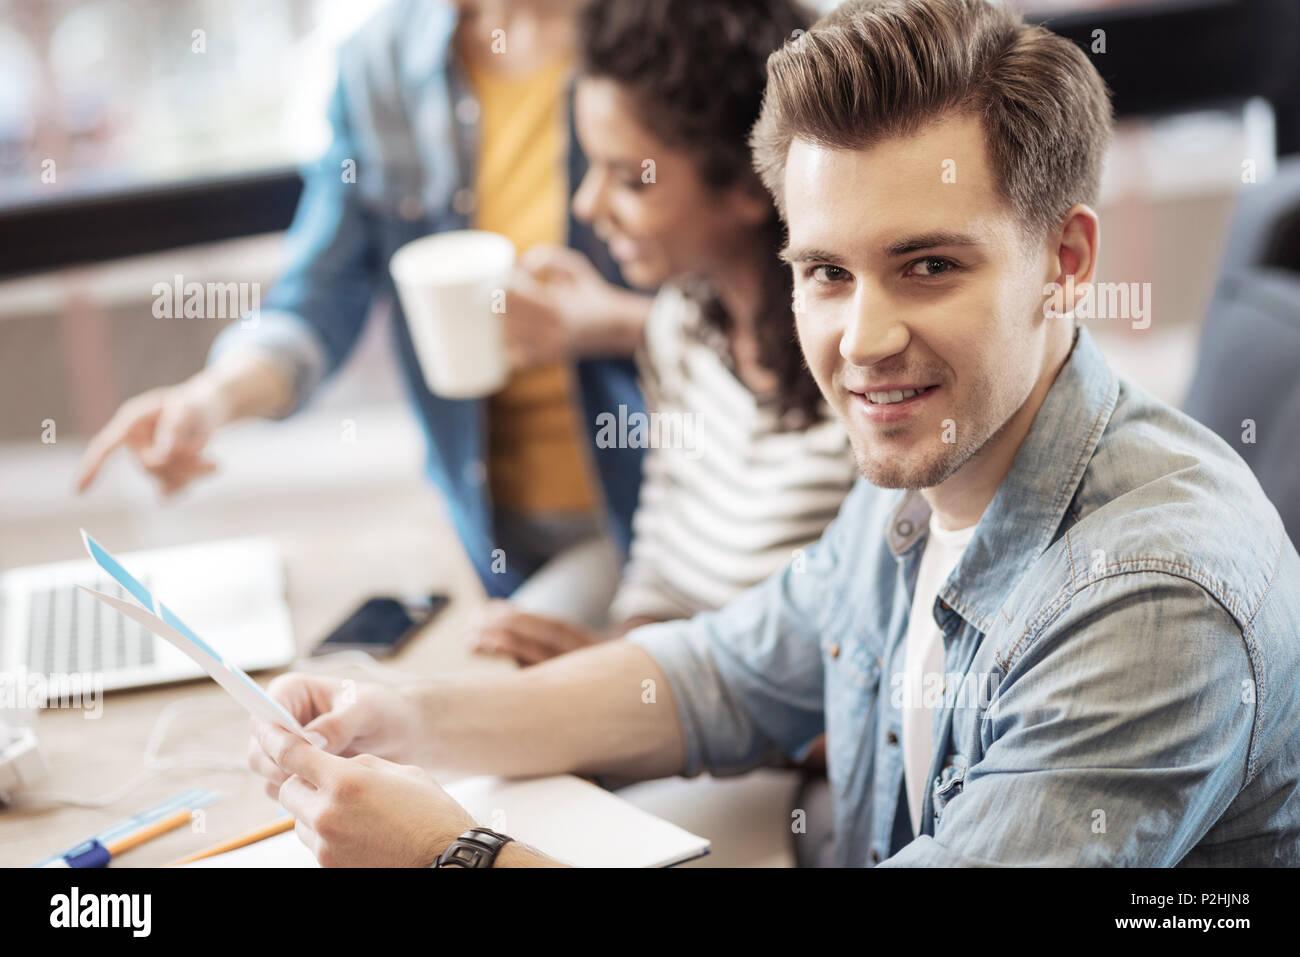 Jeune homme joyeux vous regarde Photo Stock